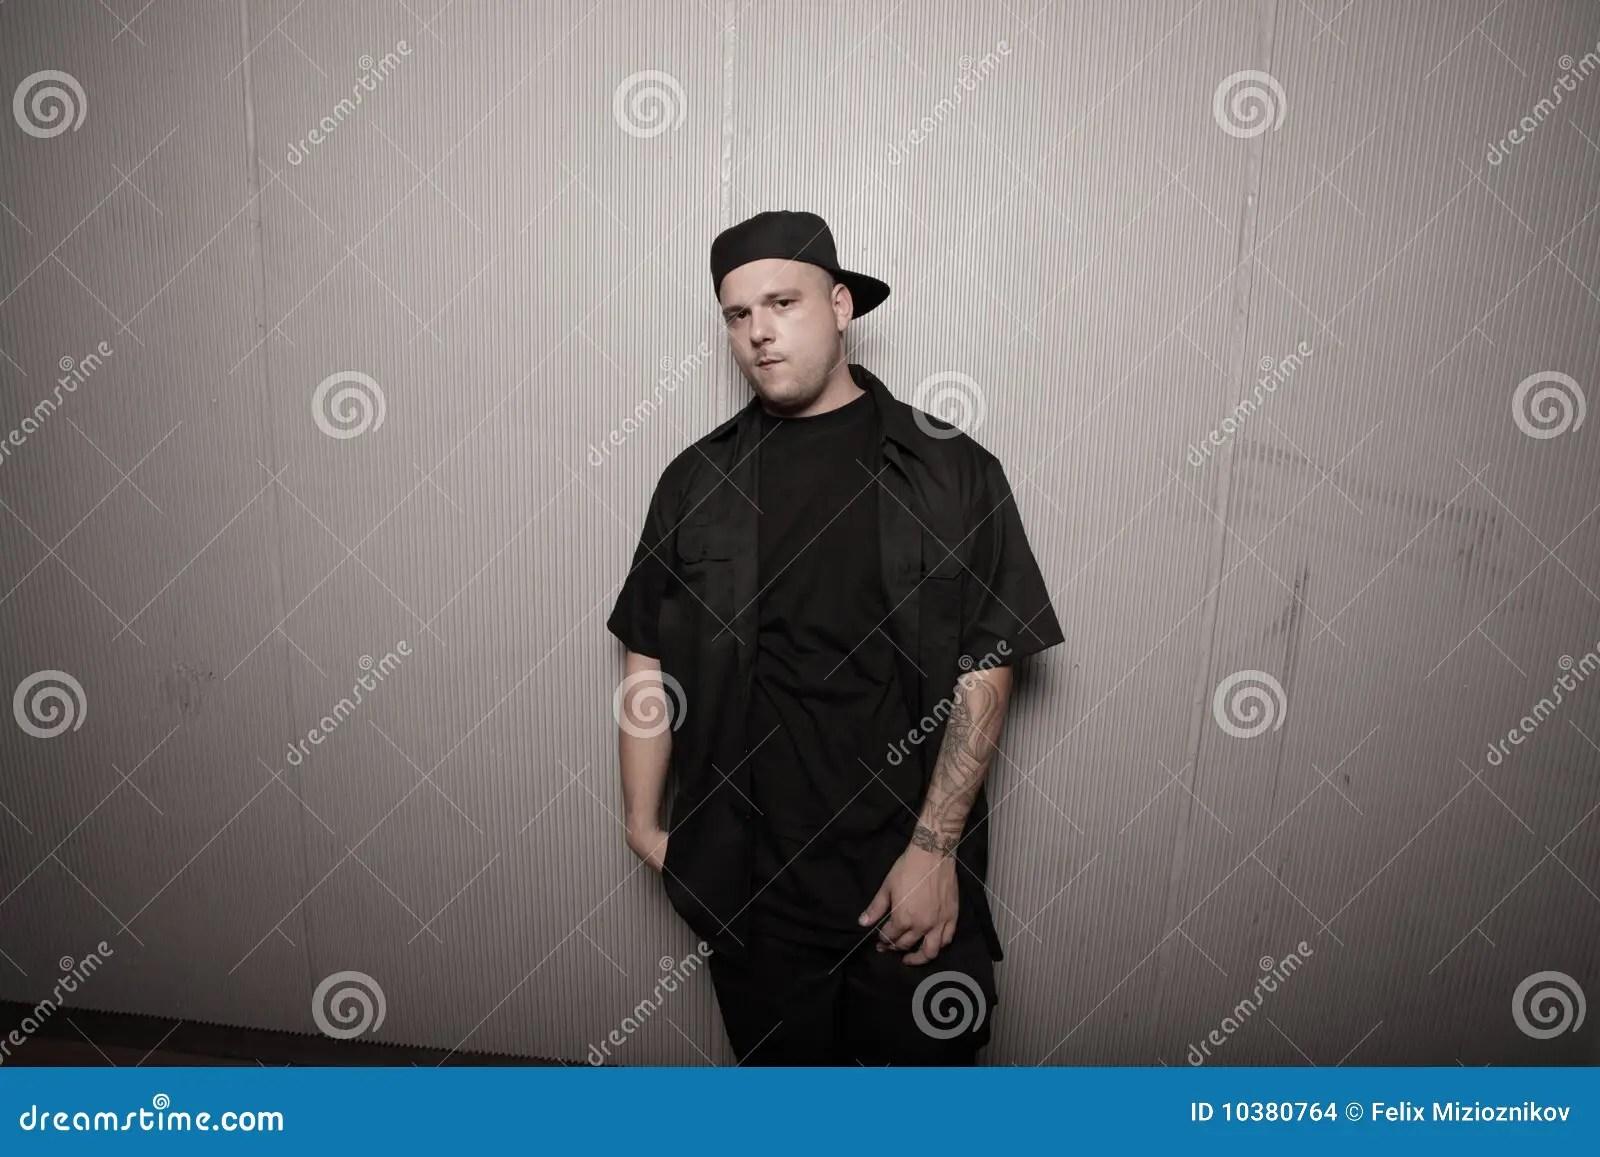 man wearing his hat